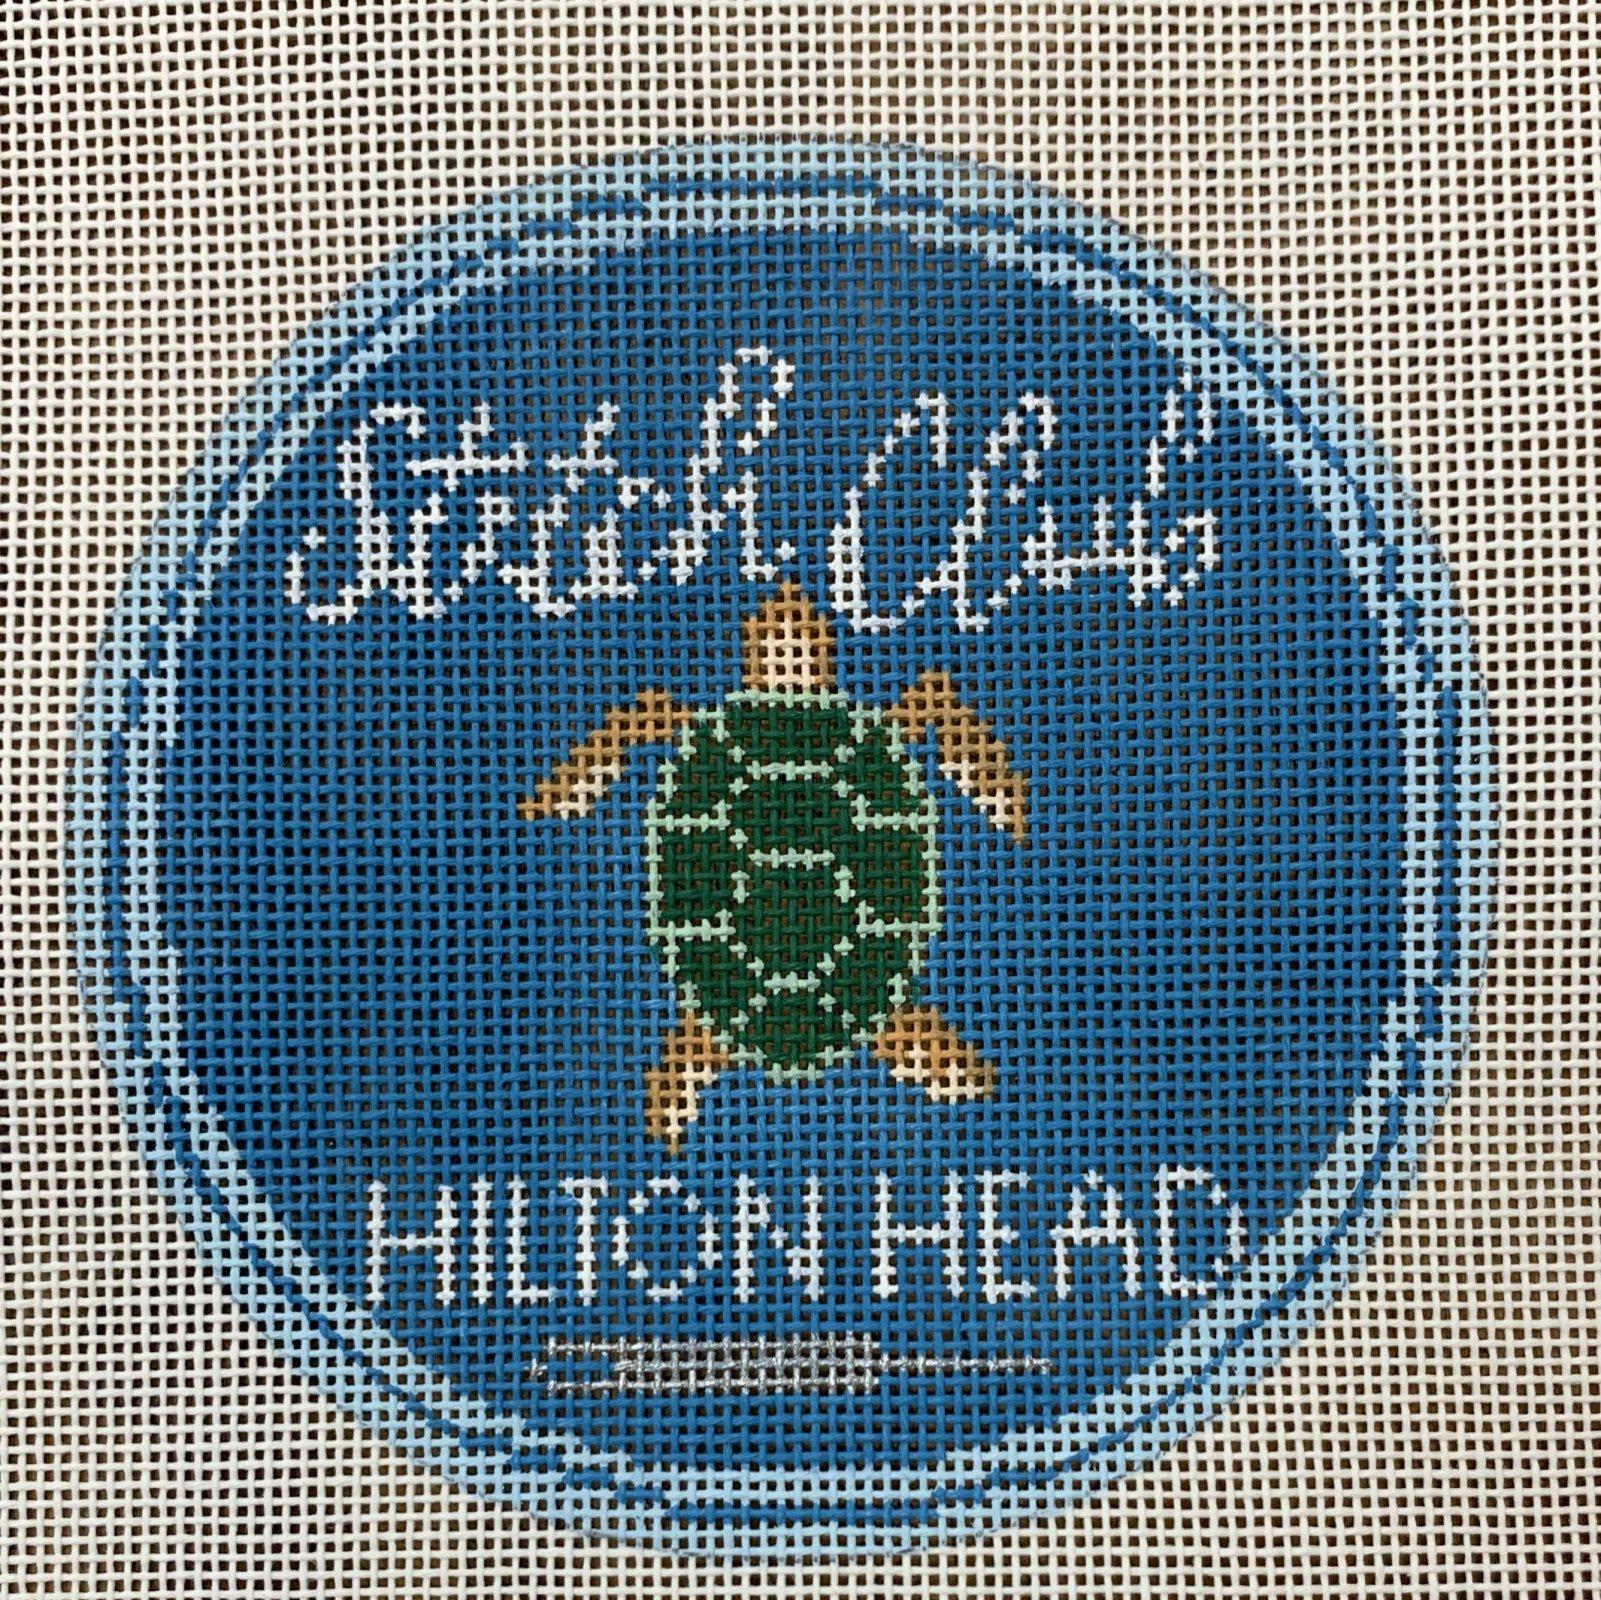 LL149 Stitch Club Hilton Head